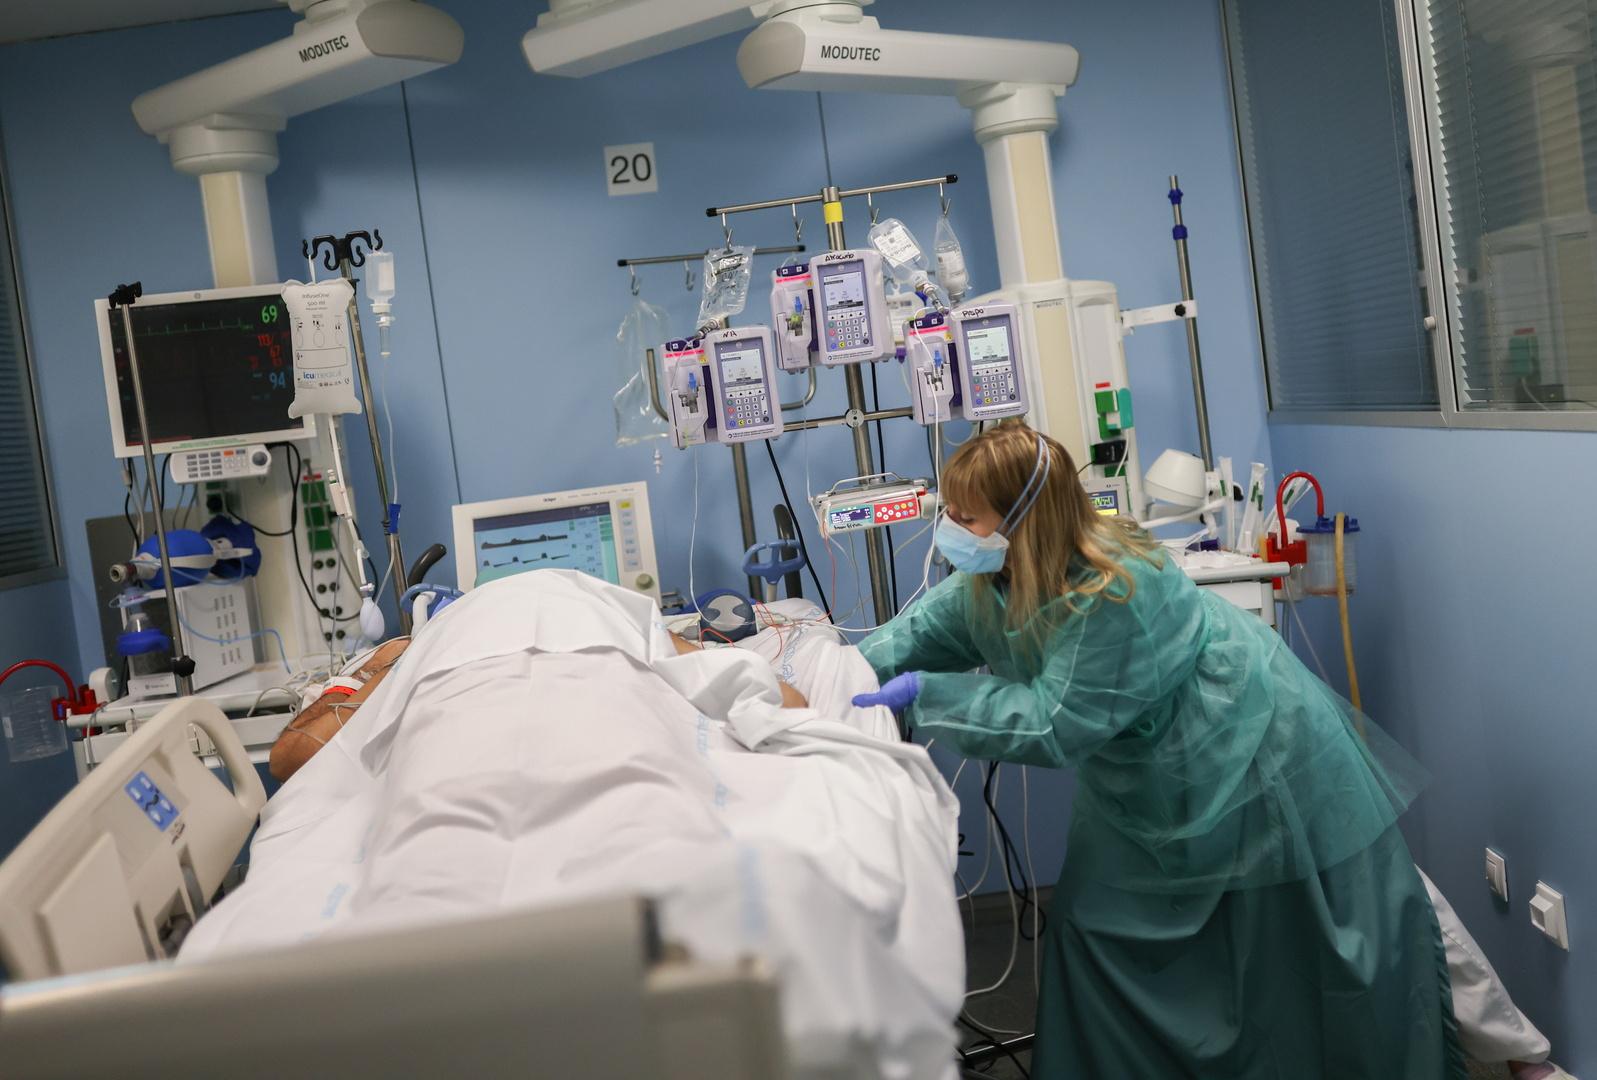 إسبانيا تسجل حصيلة يومية قياسية لإصابات كورونا